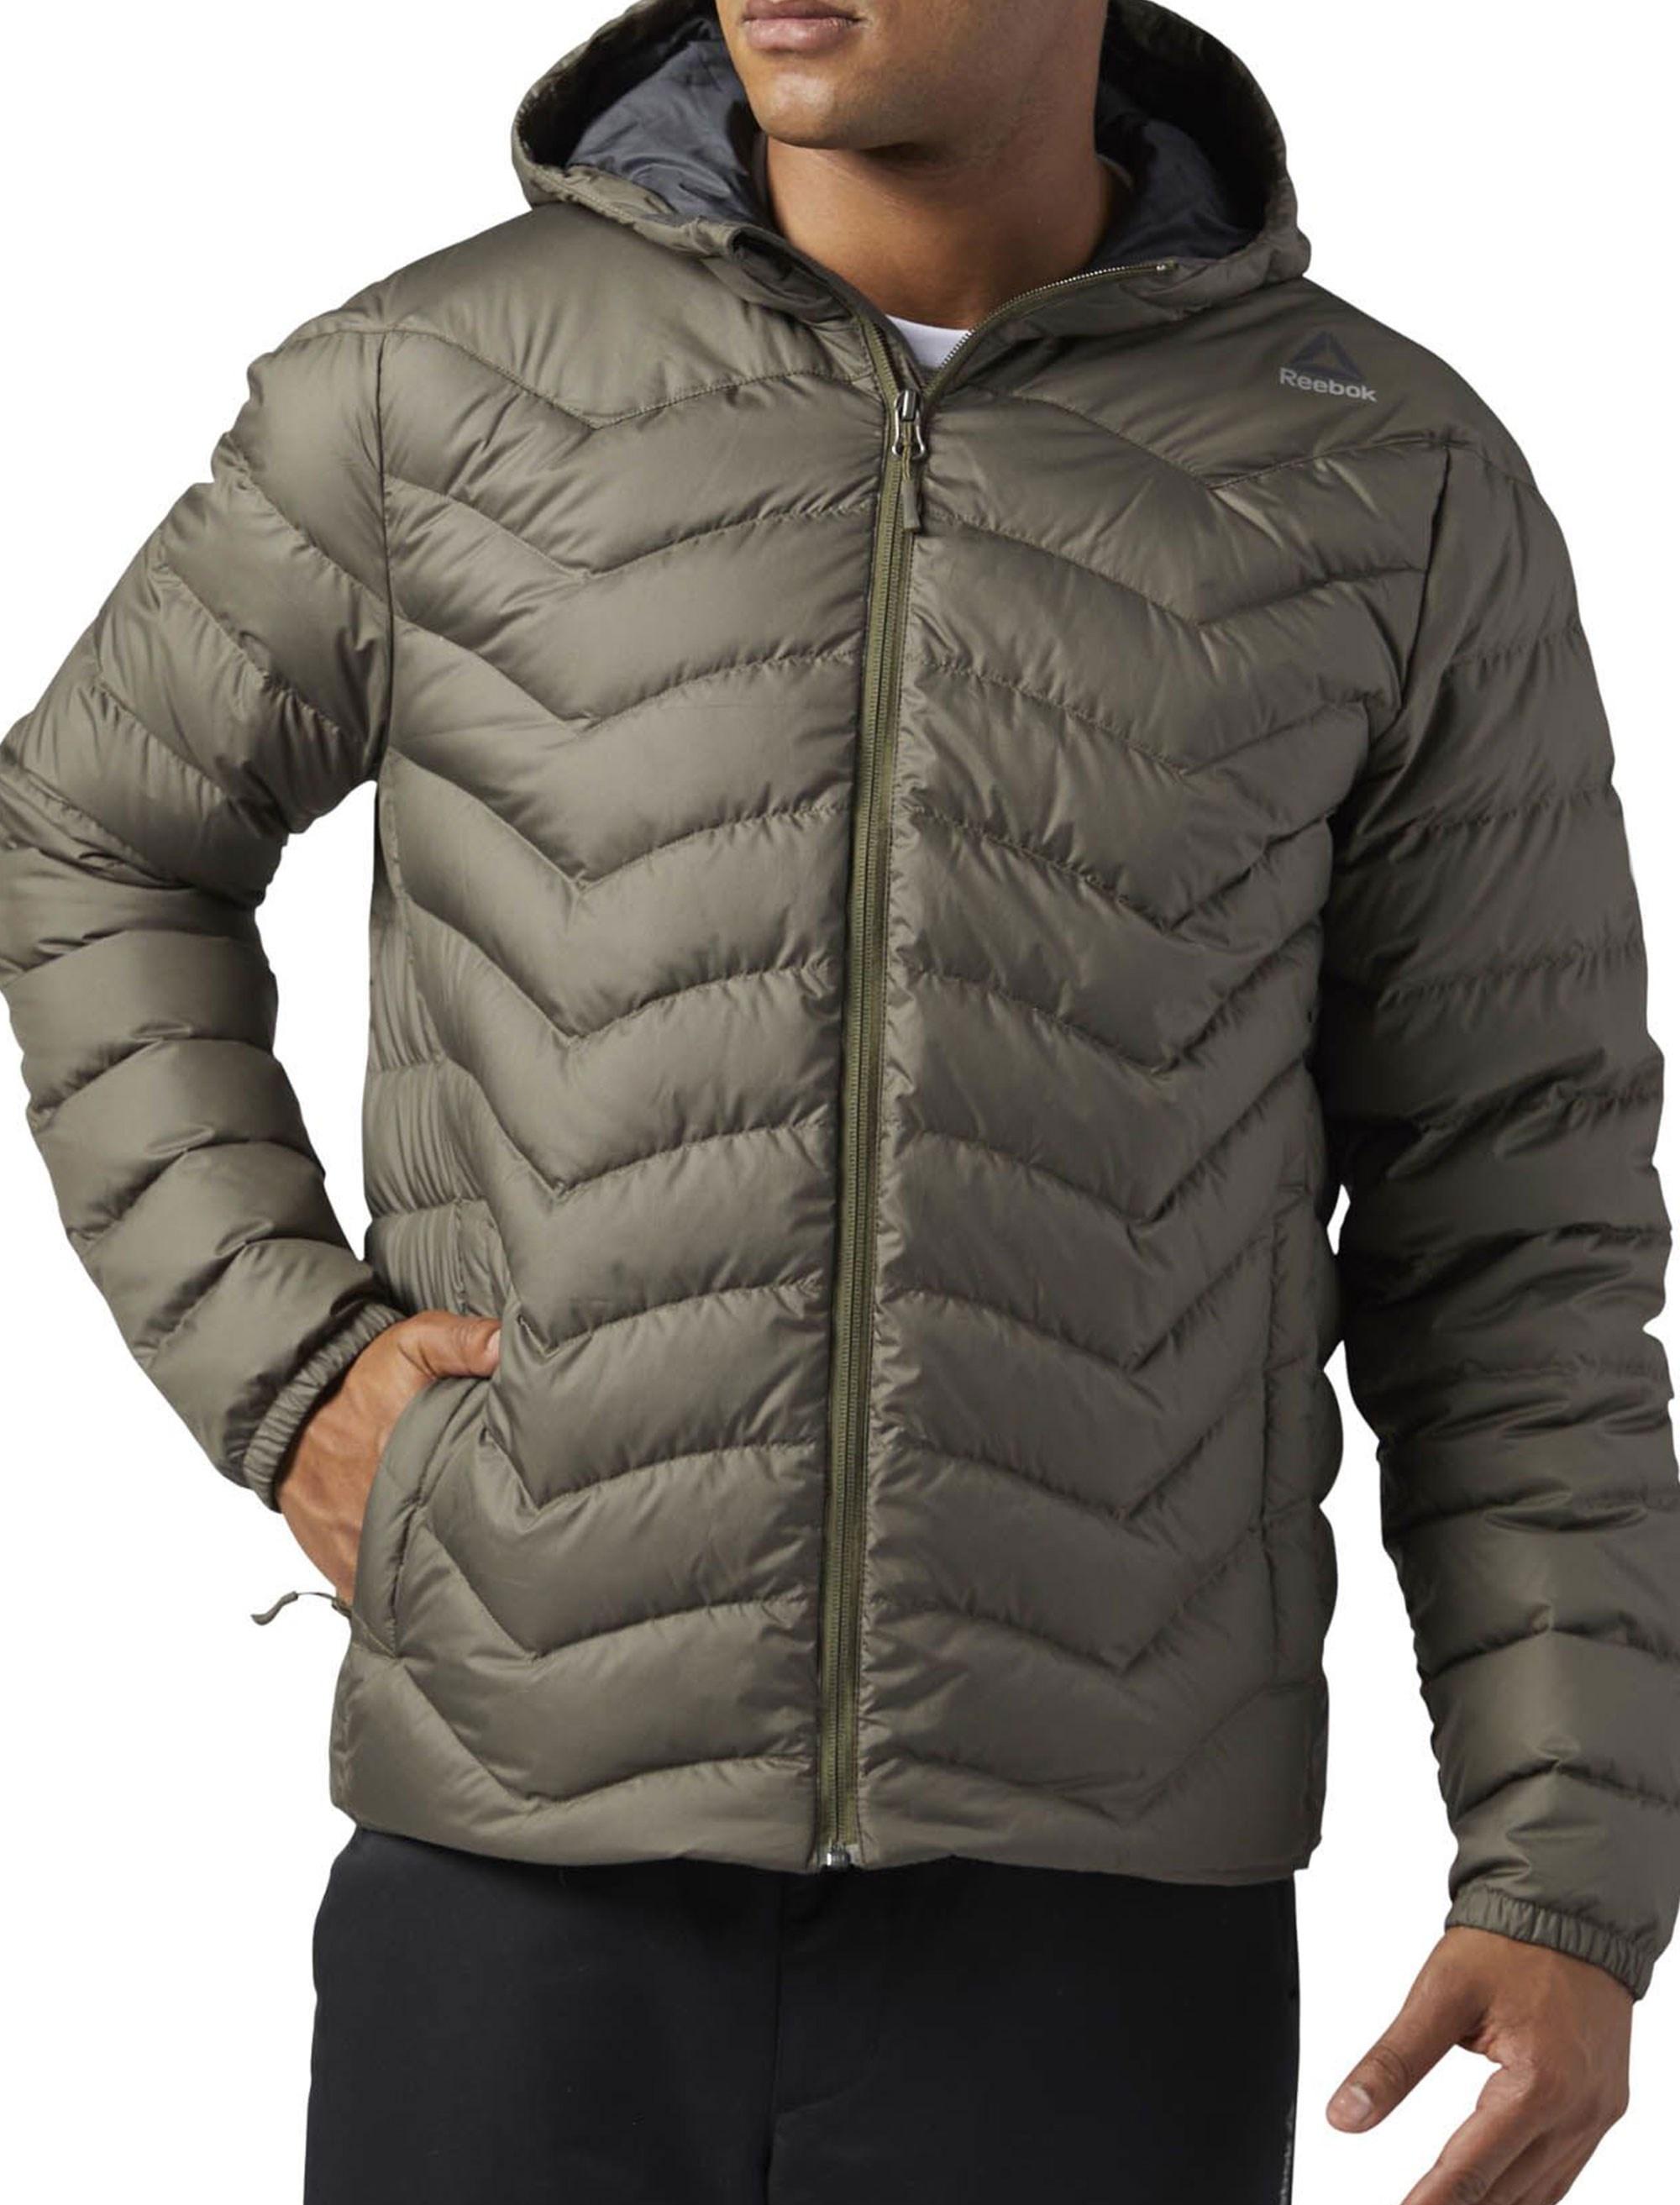 کاپشن کوتاه مردانه Down Jacket - ریباک - زيتوني قهوه اي - 3